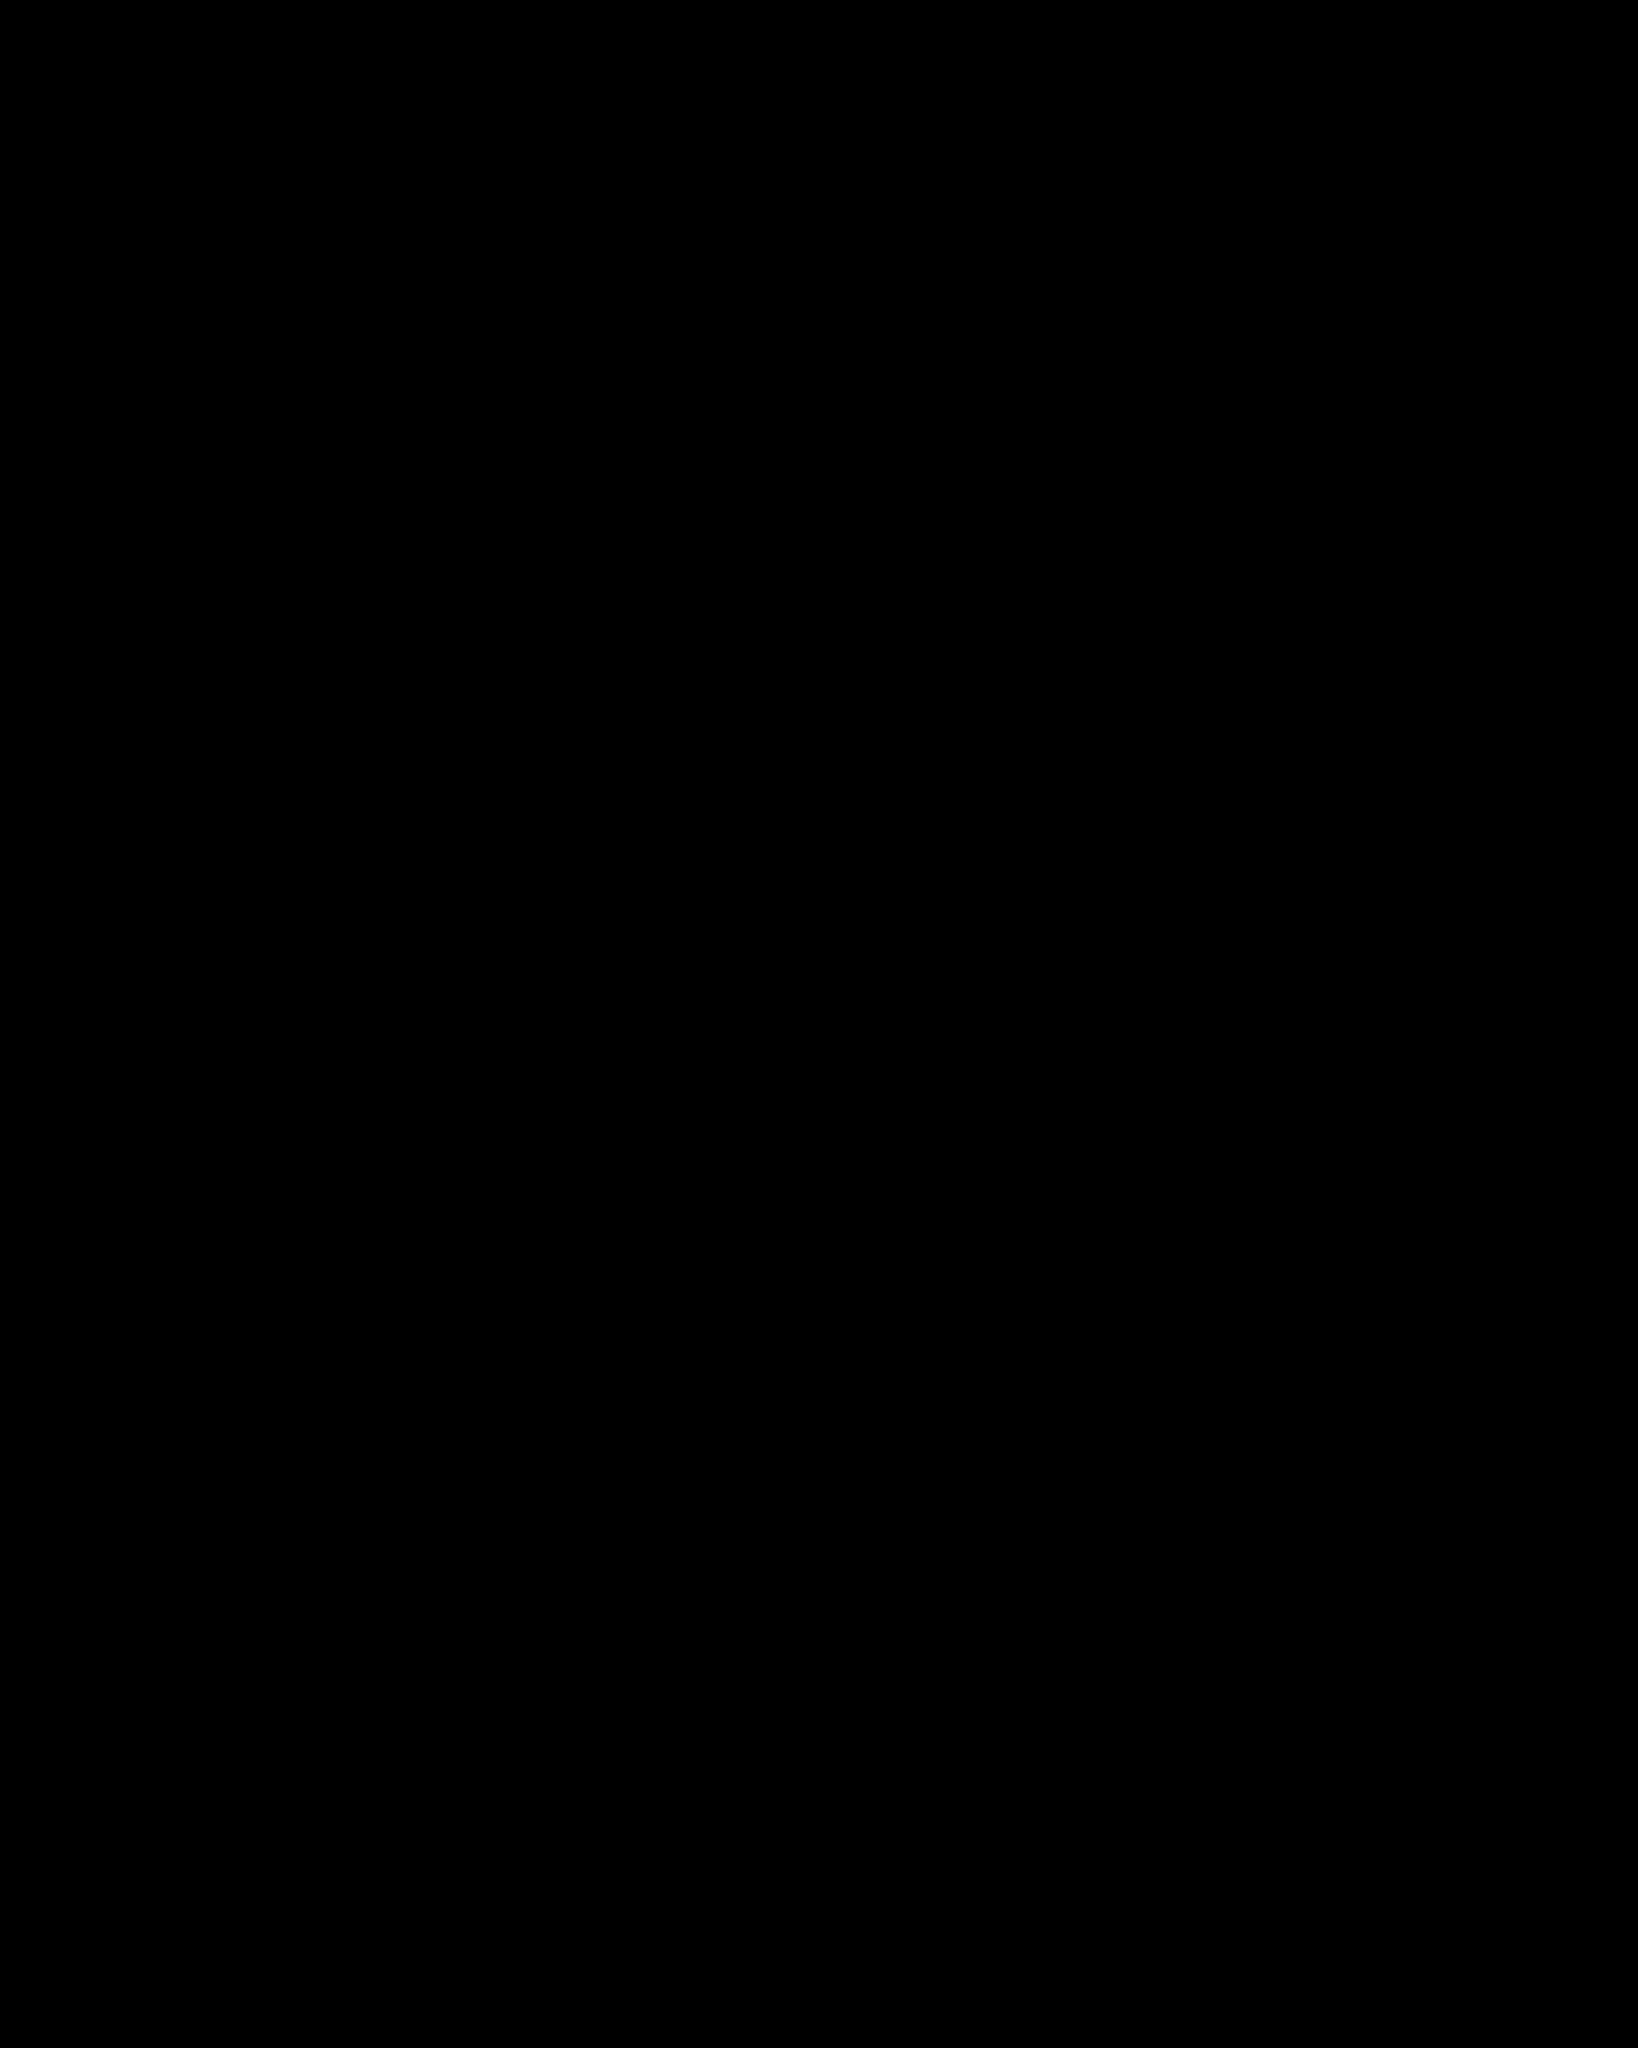 Quadrasaurus